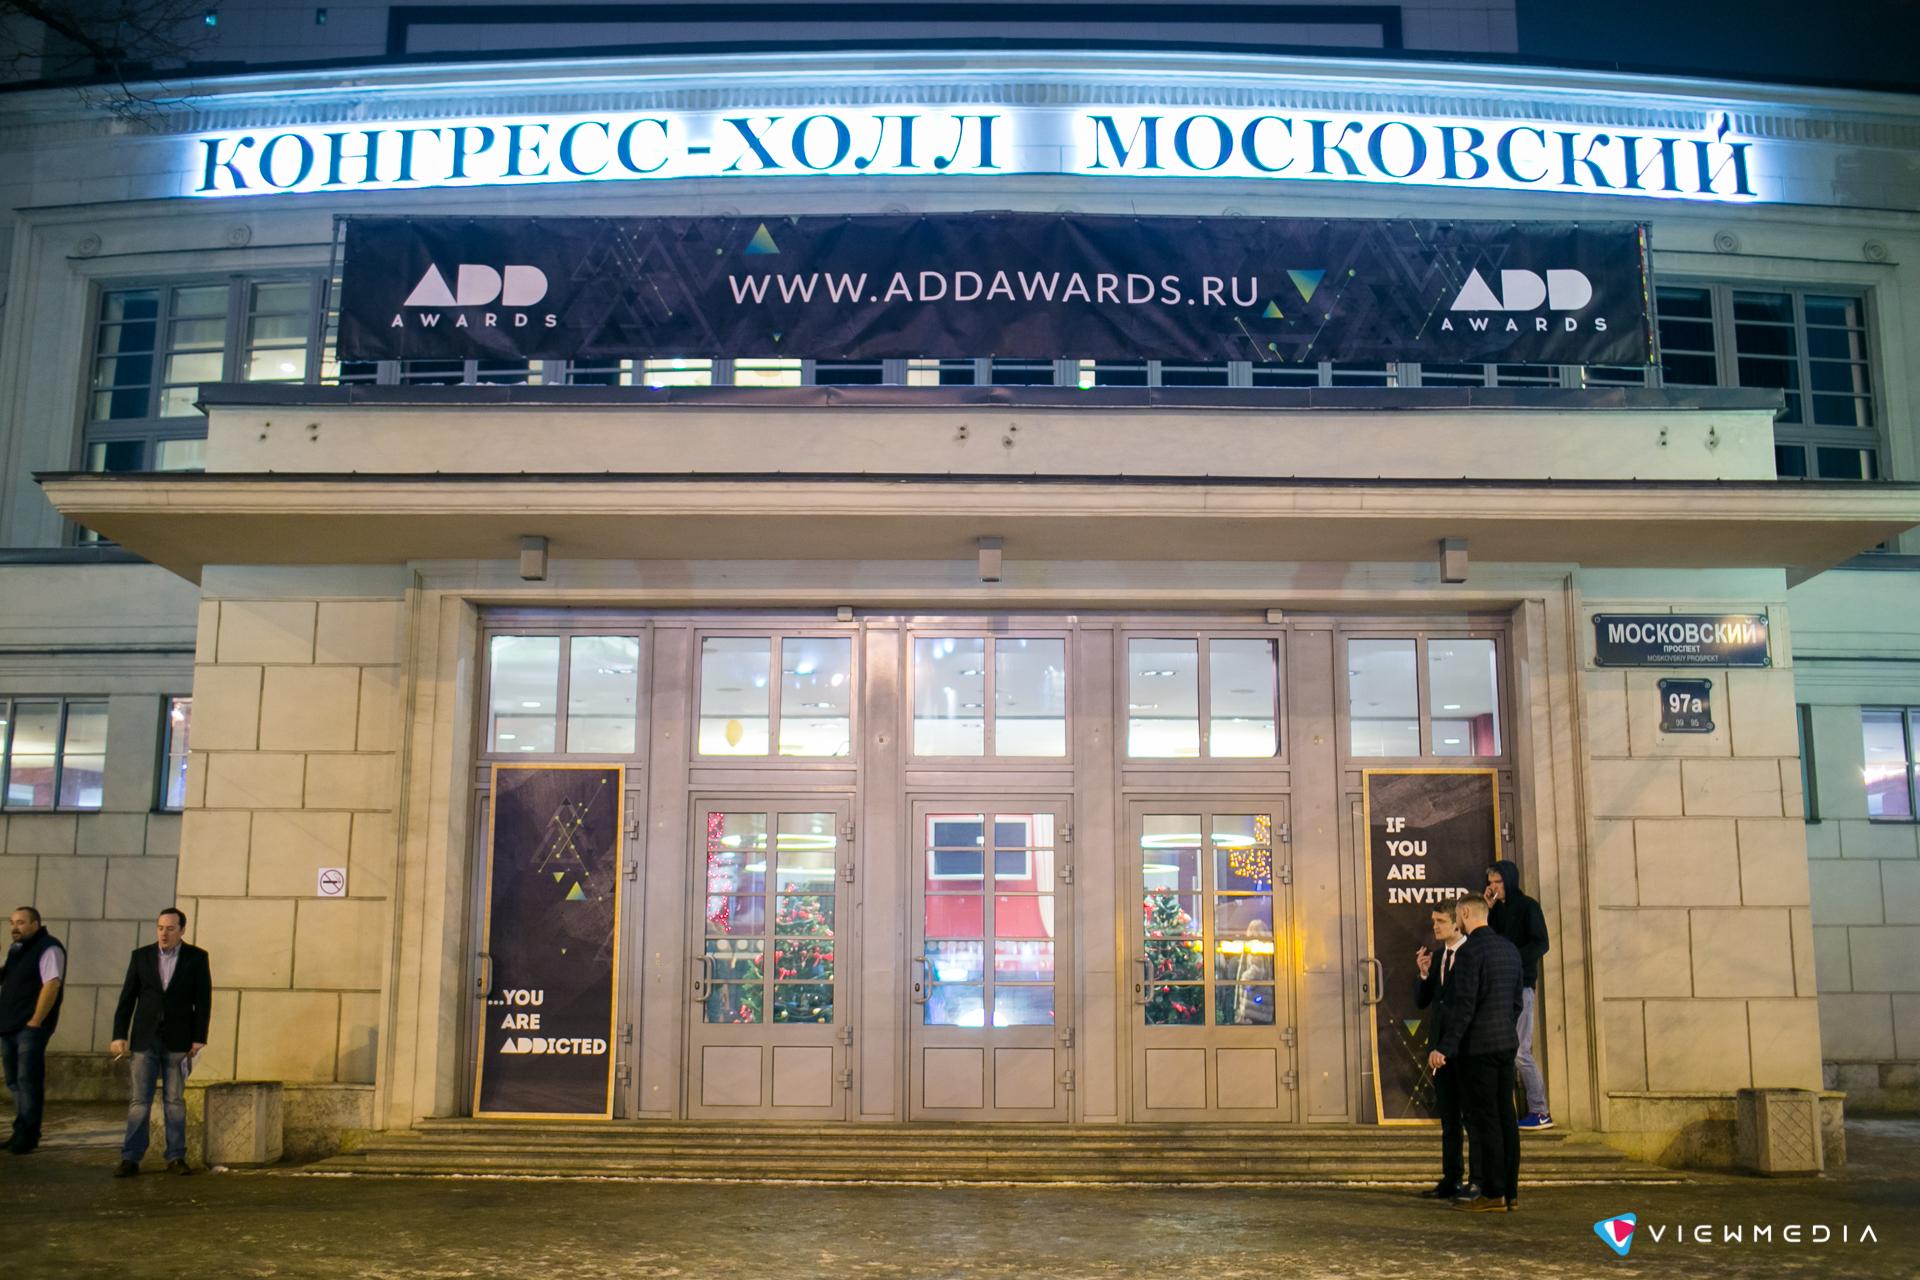 Фото № 3 Премия ADD AWARDS 2016 - цены, наличие, отзывы в интернет-магазине